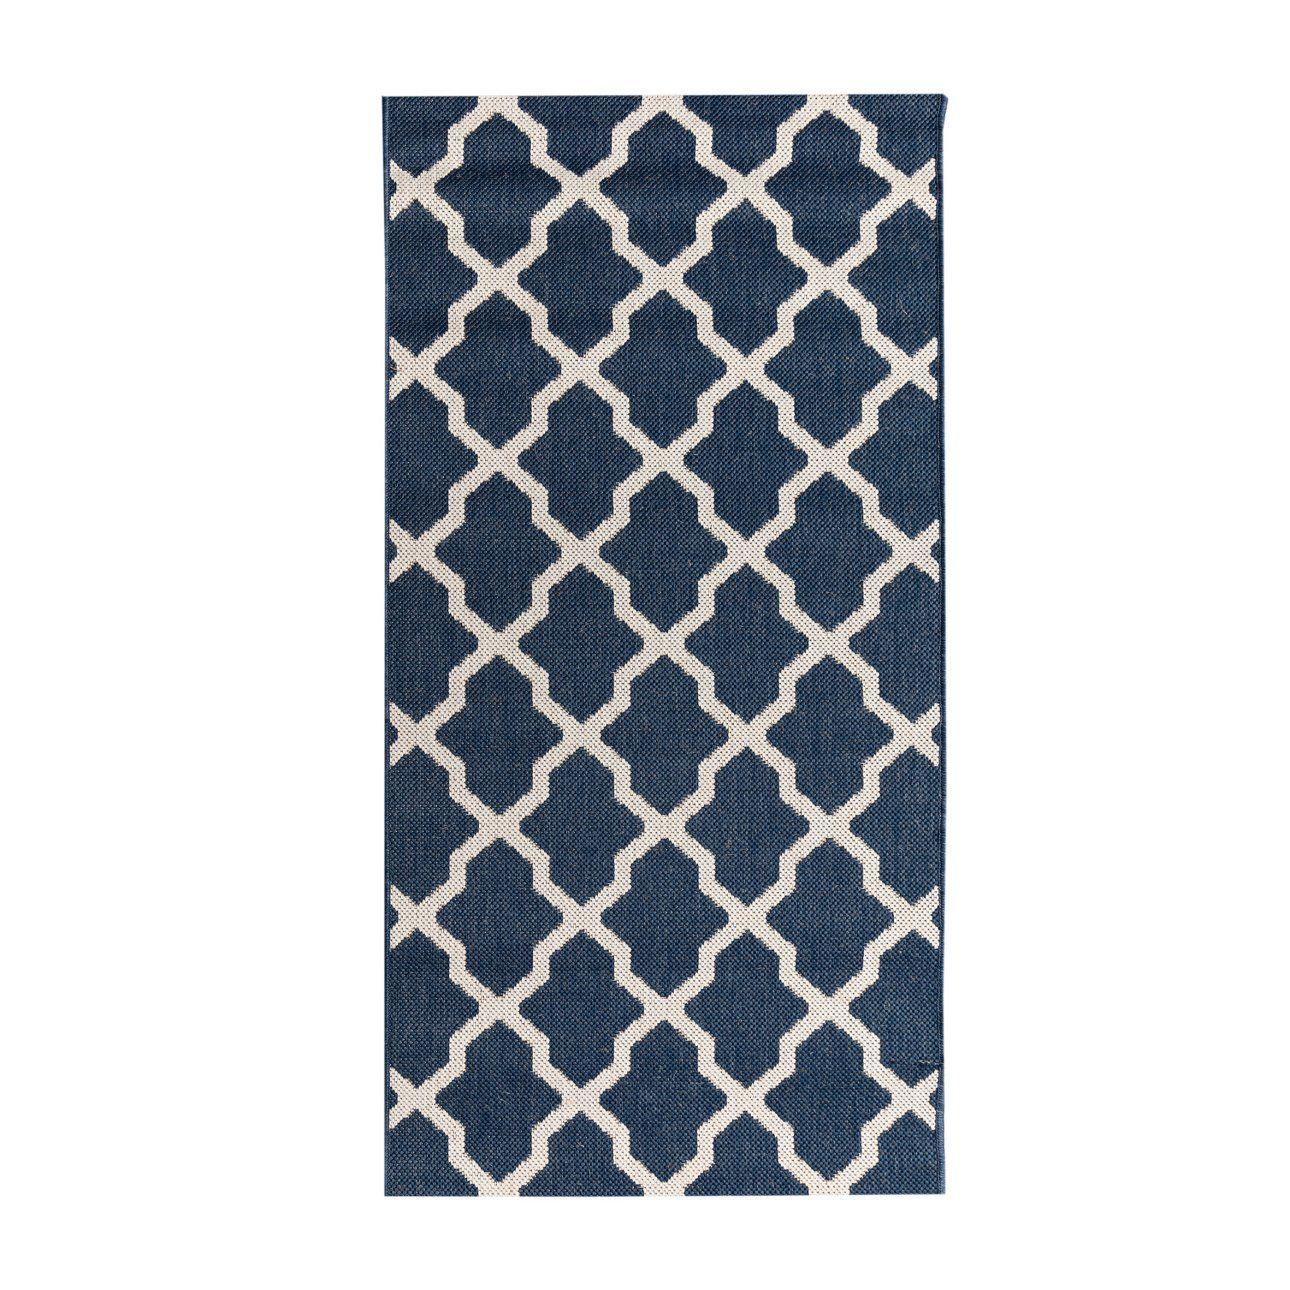 Casa Berber Teppichboden Teppich Hochflor 200 X 300 Sisal Teppich 200x300 Gunstig Teppichboden Meterwar Teppich Teppichboden Kinderzimmer Teppich Gunstig